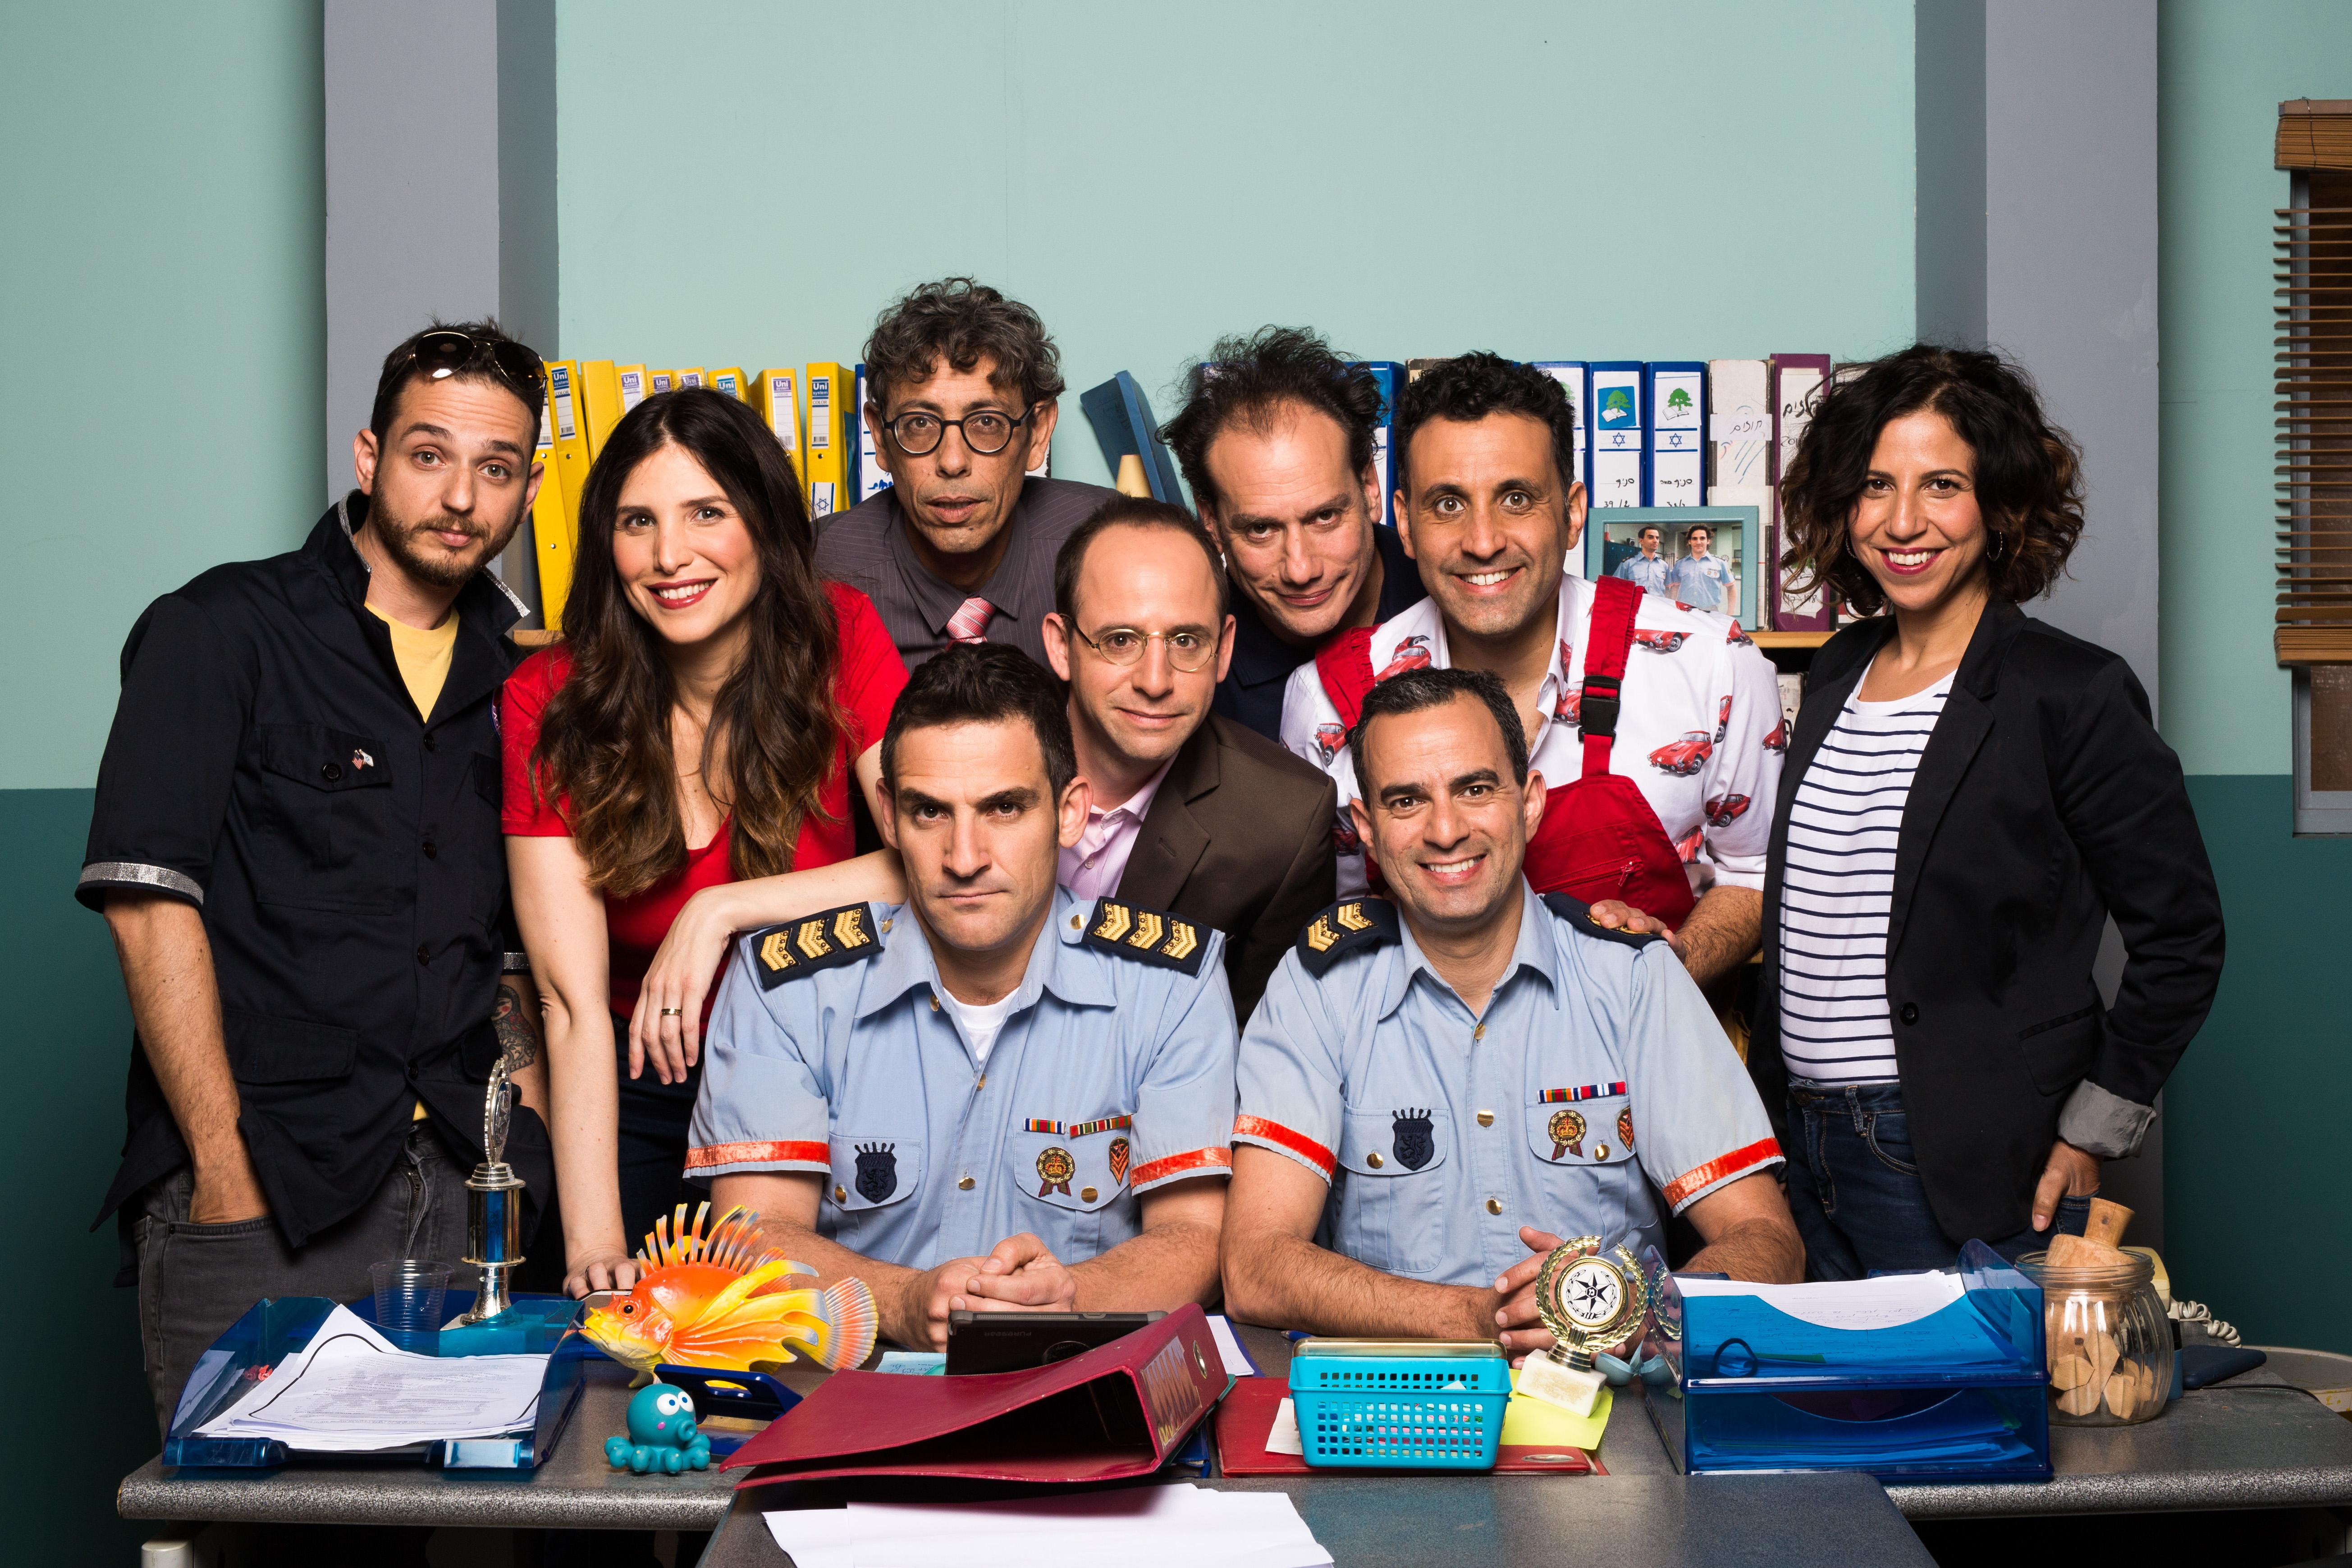 הקלמרים עונה 8 - קבוצתית